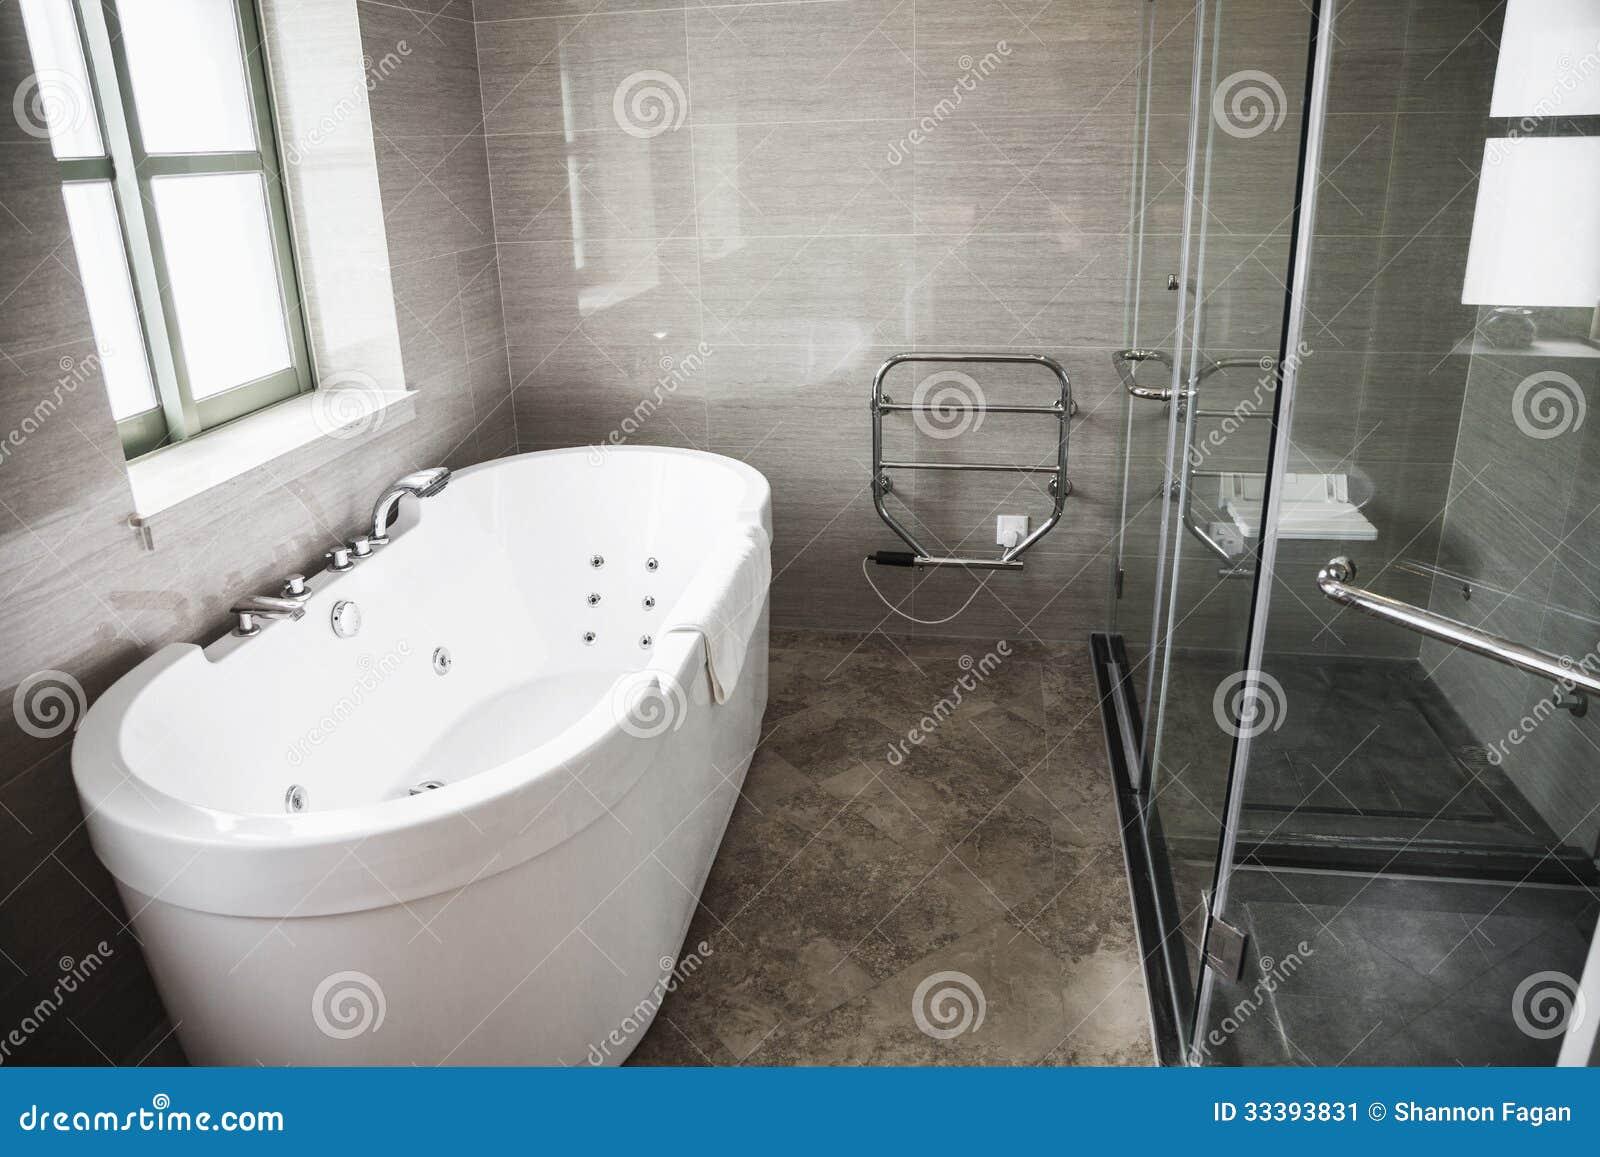 Moderno, Limpio, Cuarto De Baño Con La Bañera Y Ducha. Imagen de ...